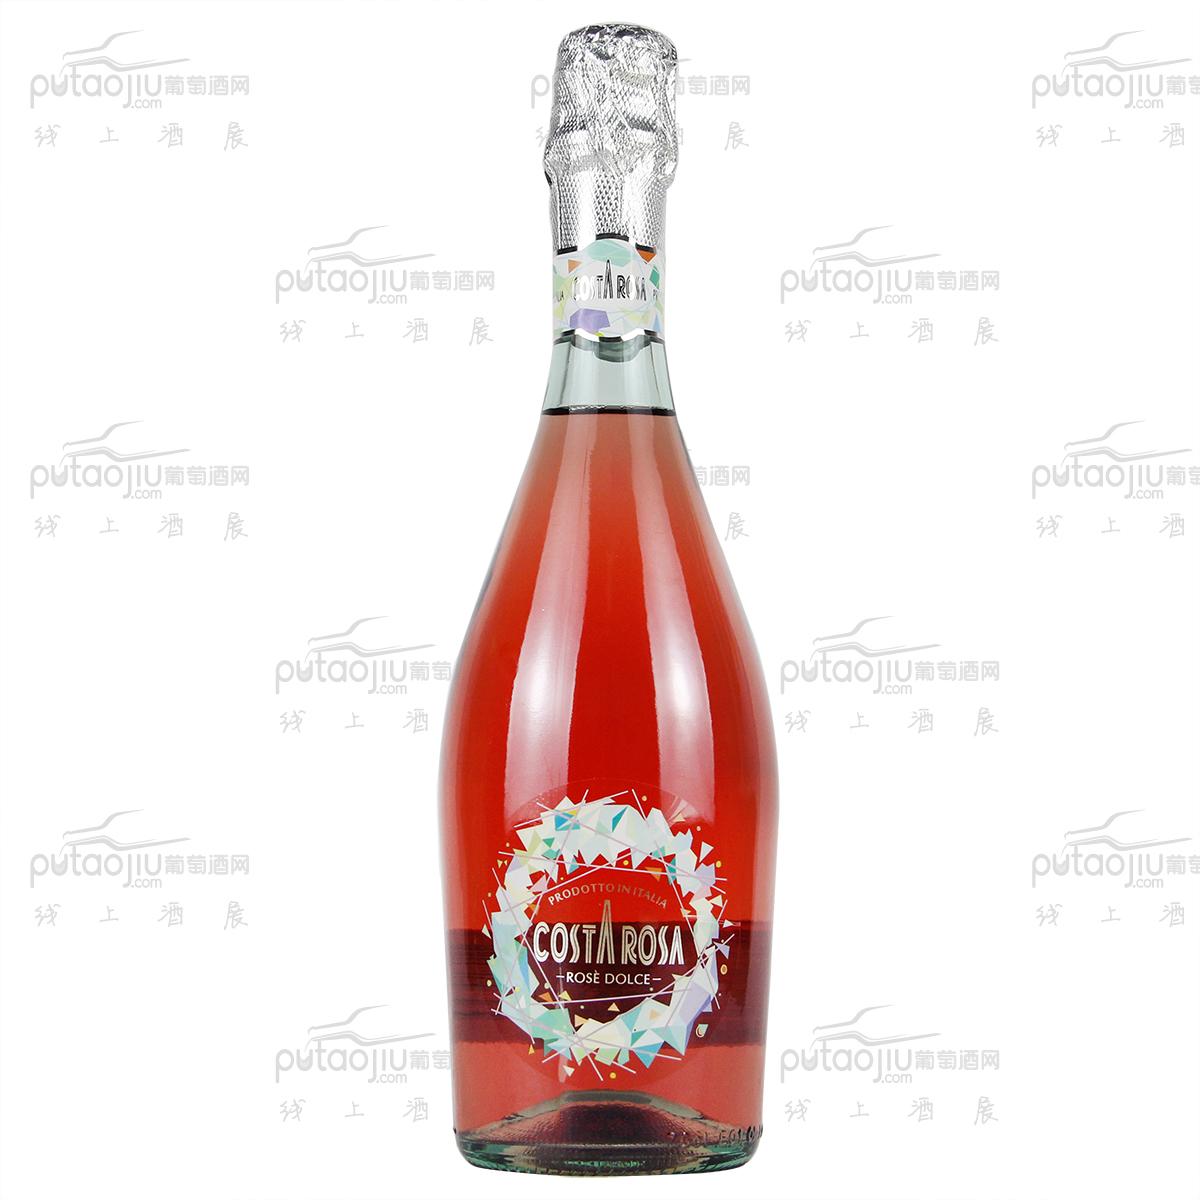 意大利艾米利亚万多酒庄蓝布鲁斯科歌诗达低醇甜IGT桃红高泡葡萄酒